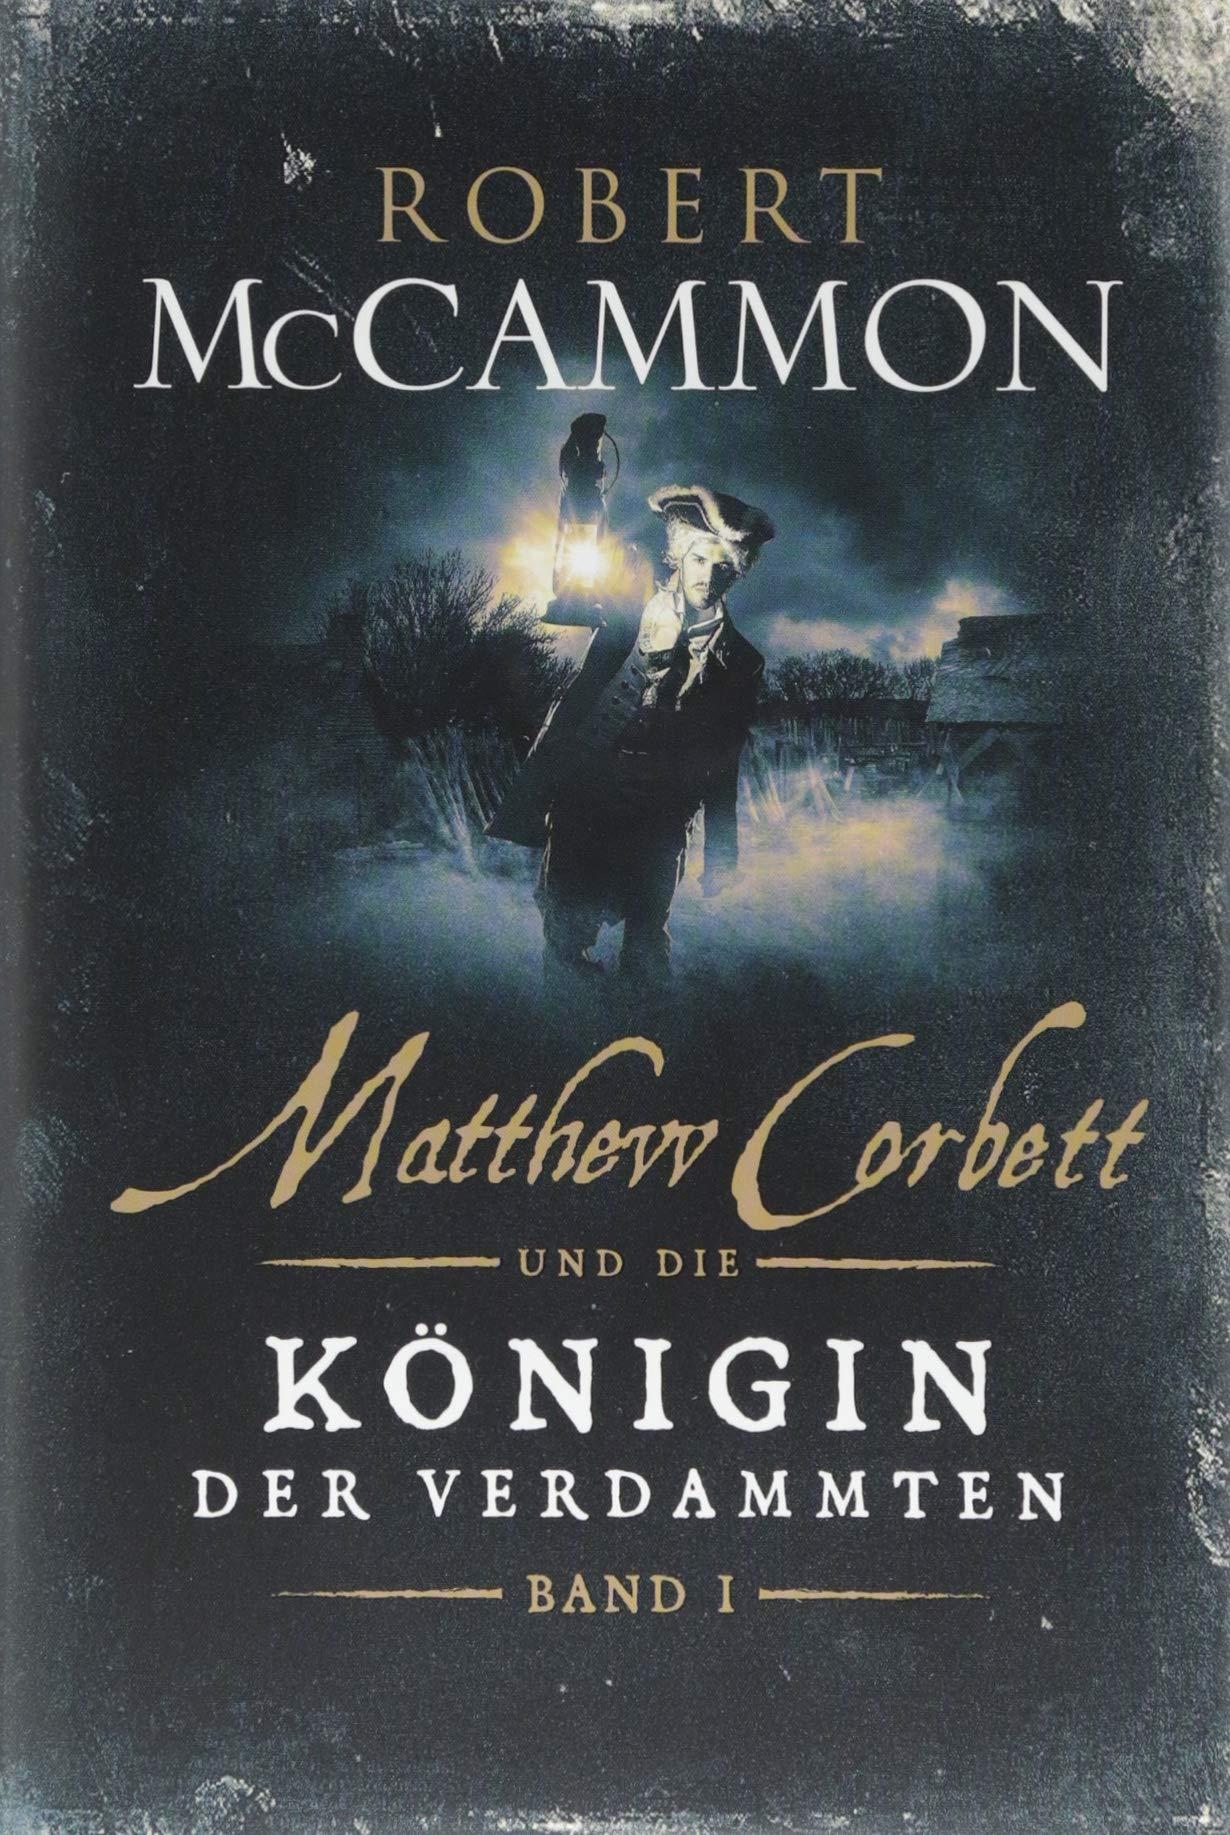 Matthew Corbett und die Königin der Verdammten - Band 1: historischer Thriller